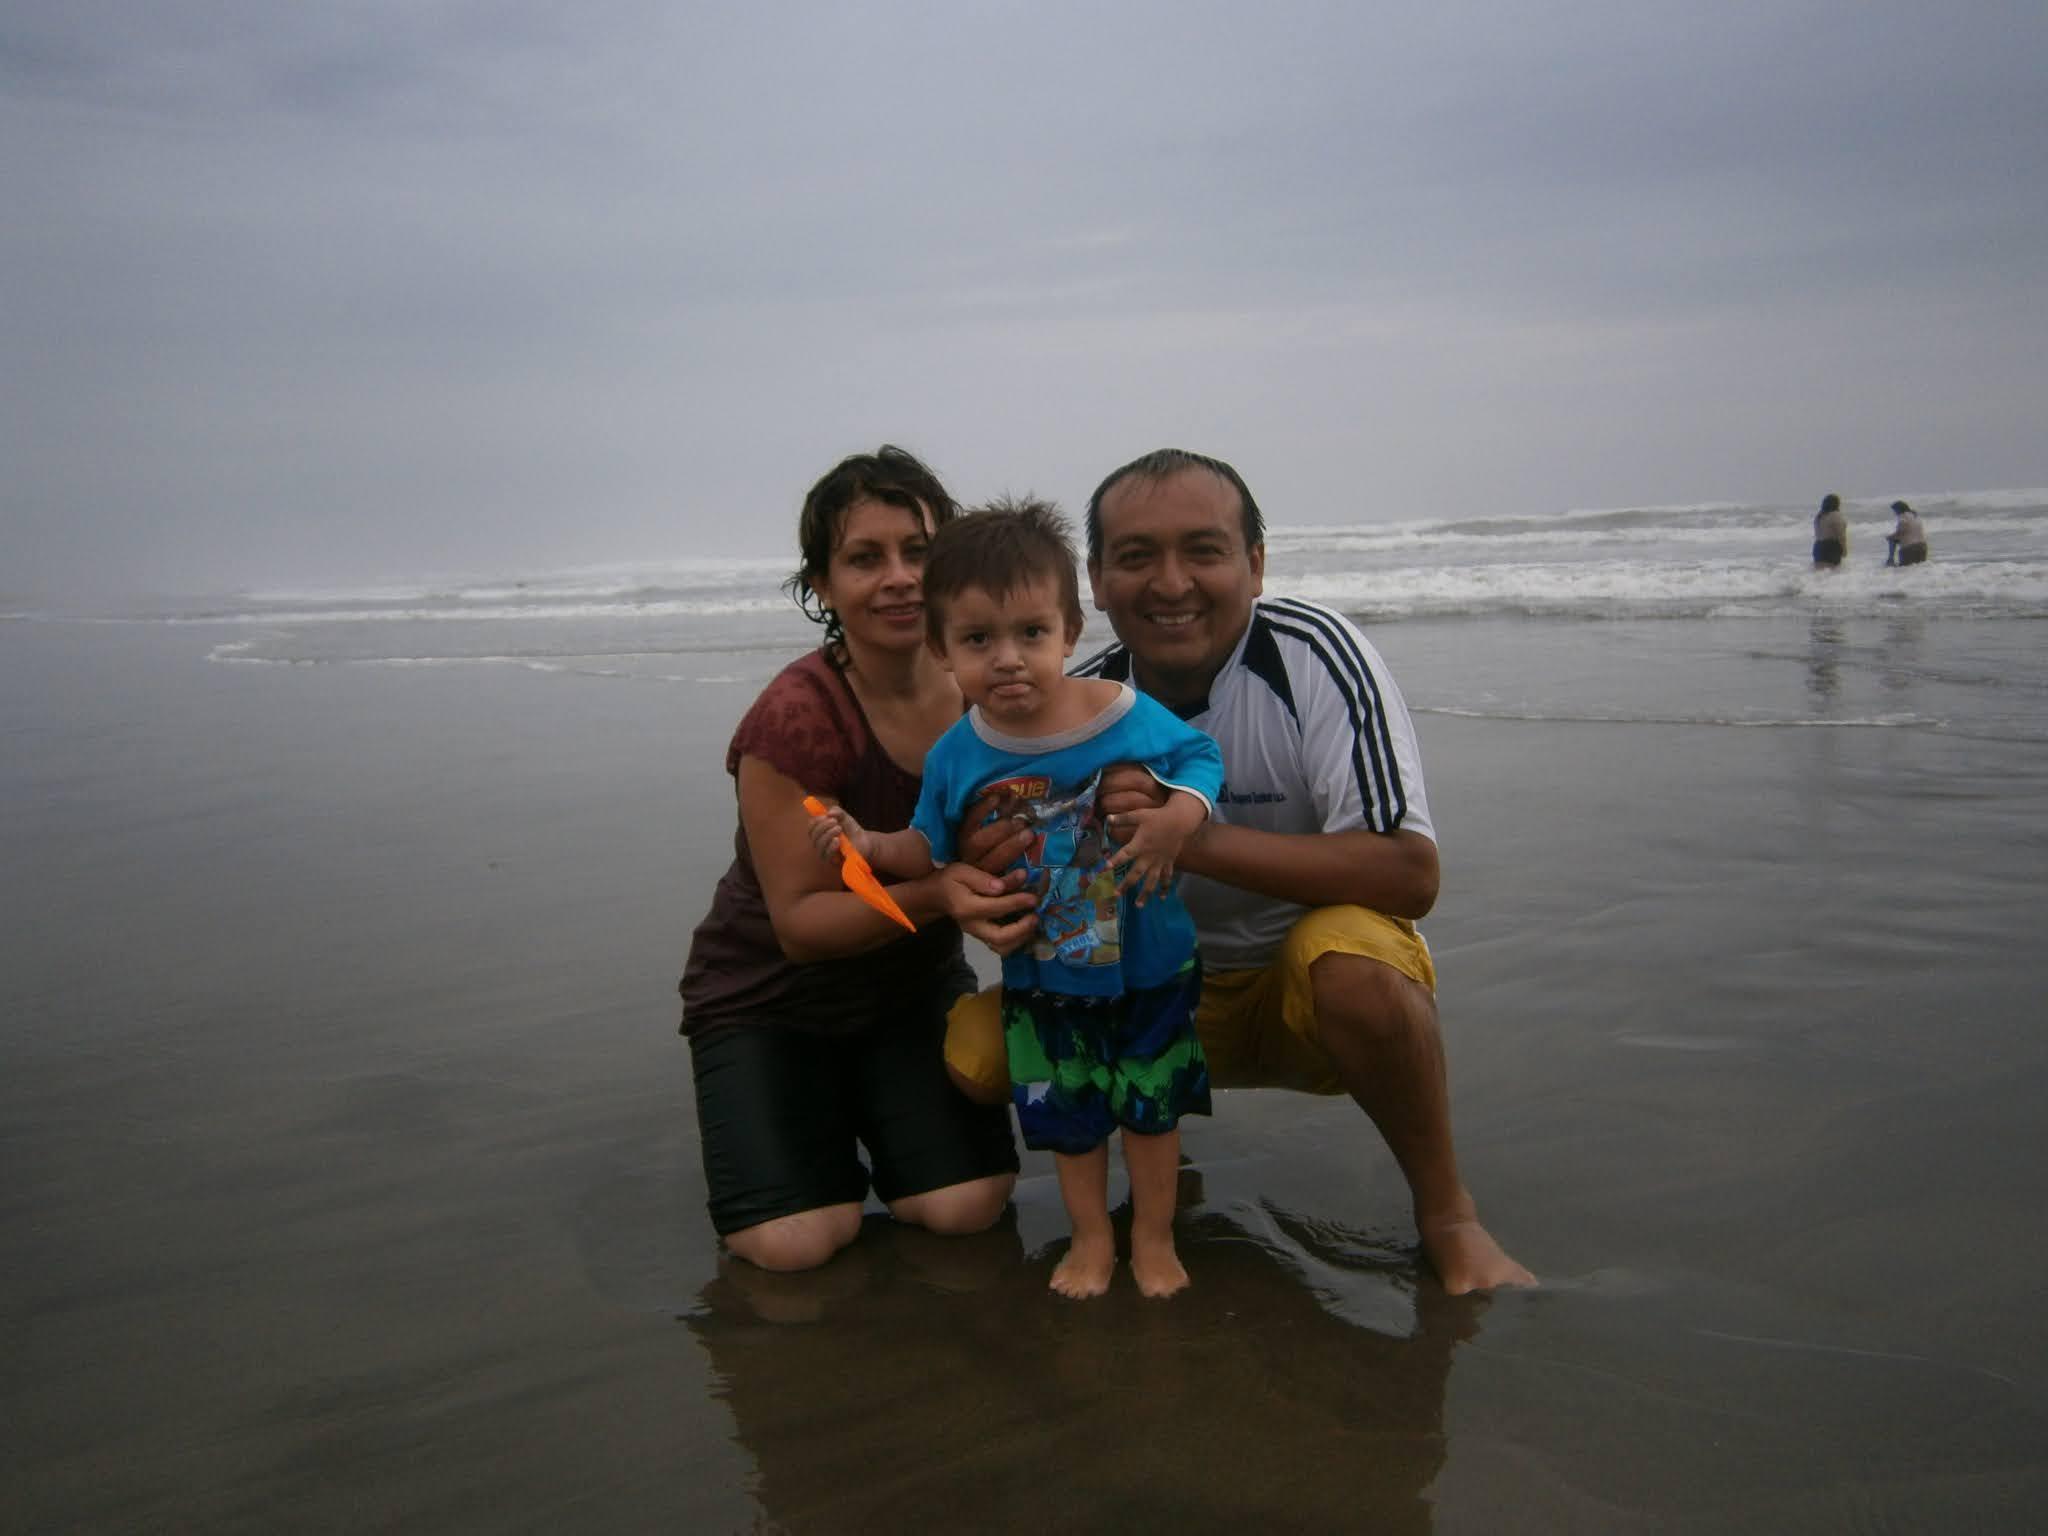 Familia Alegre posando para la foto en la orilla de la playa